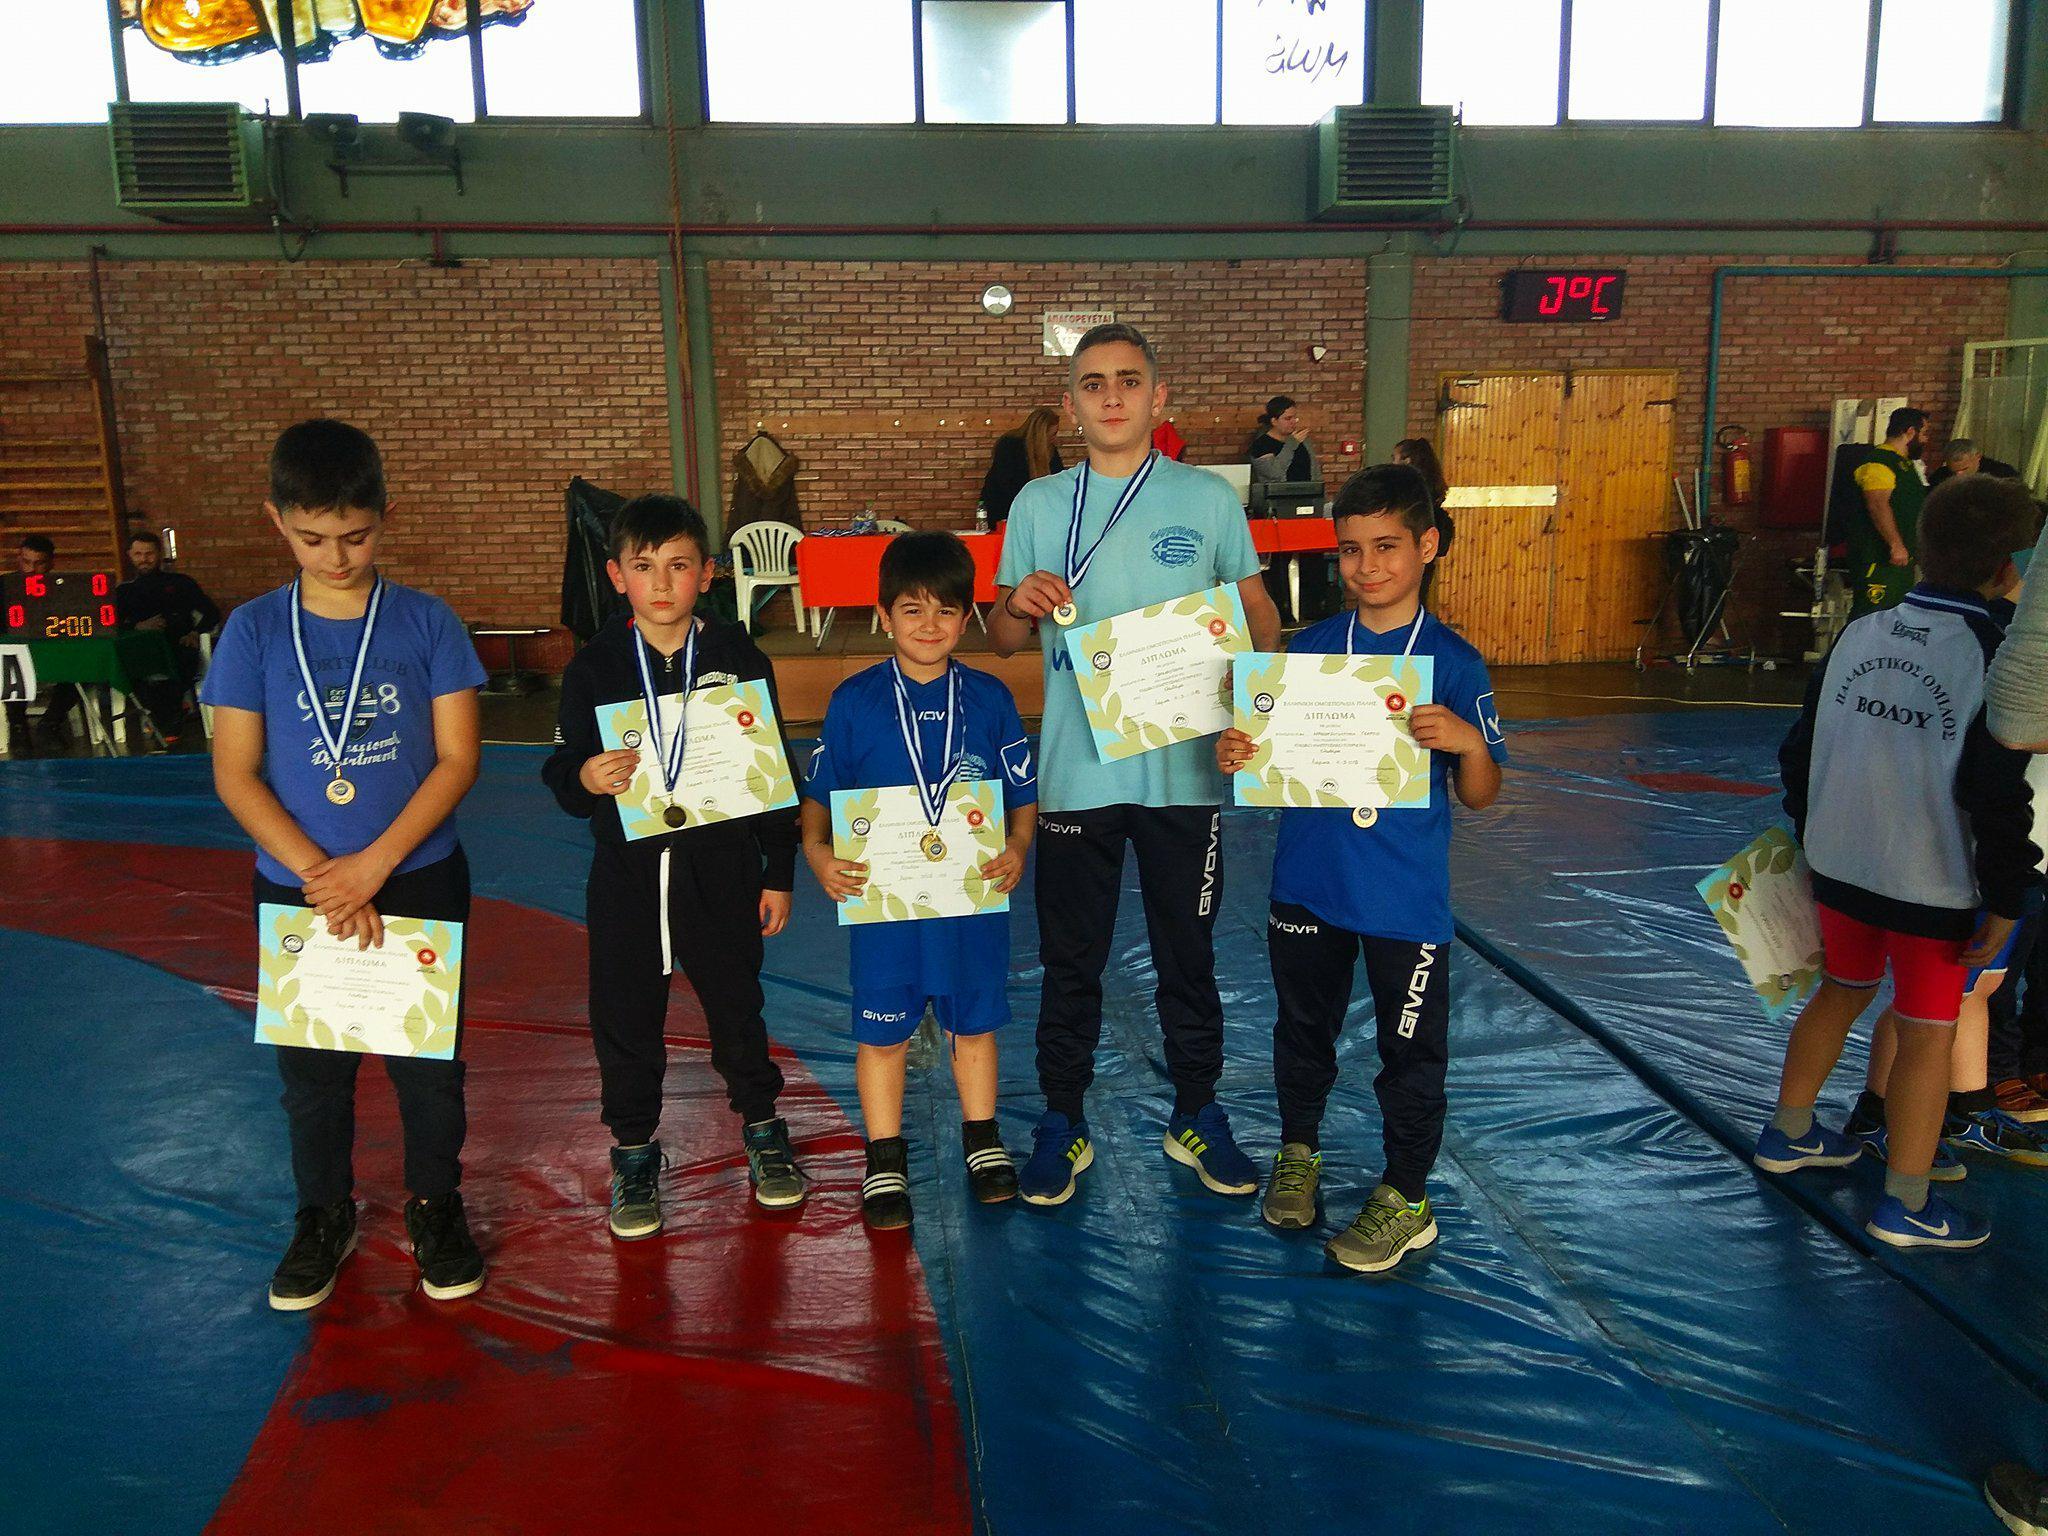 Τέσσερα μετάλλια για τον «Ολυμπιονίκη Βόλου»